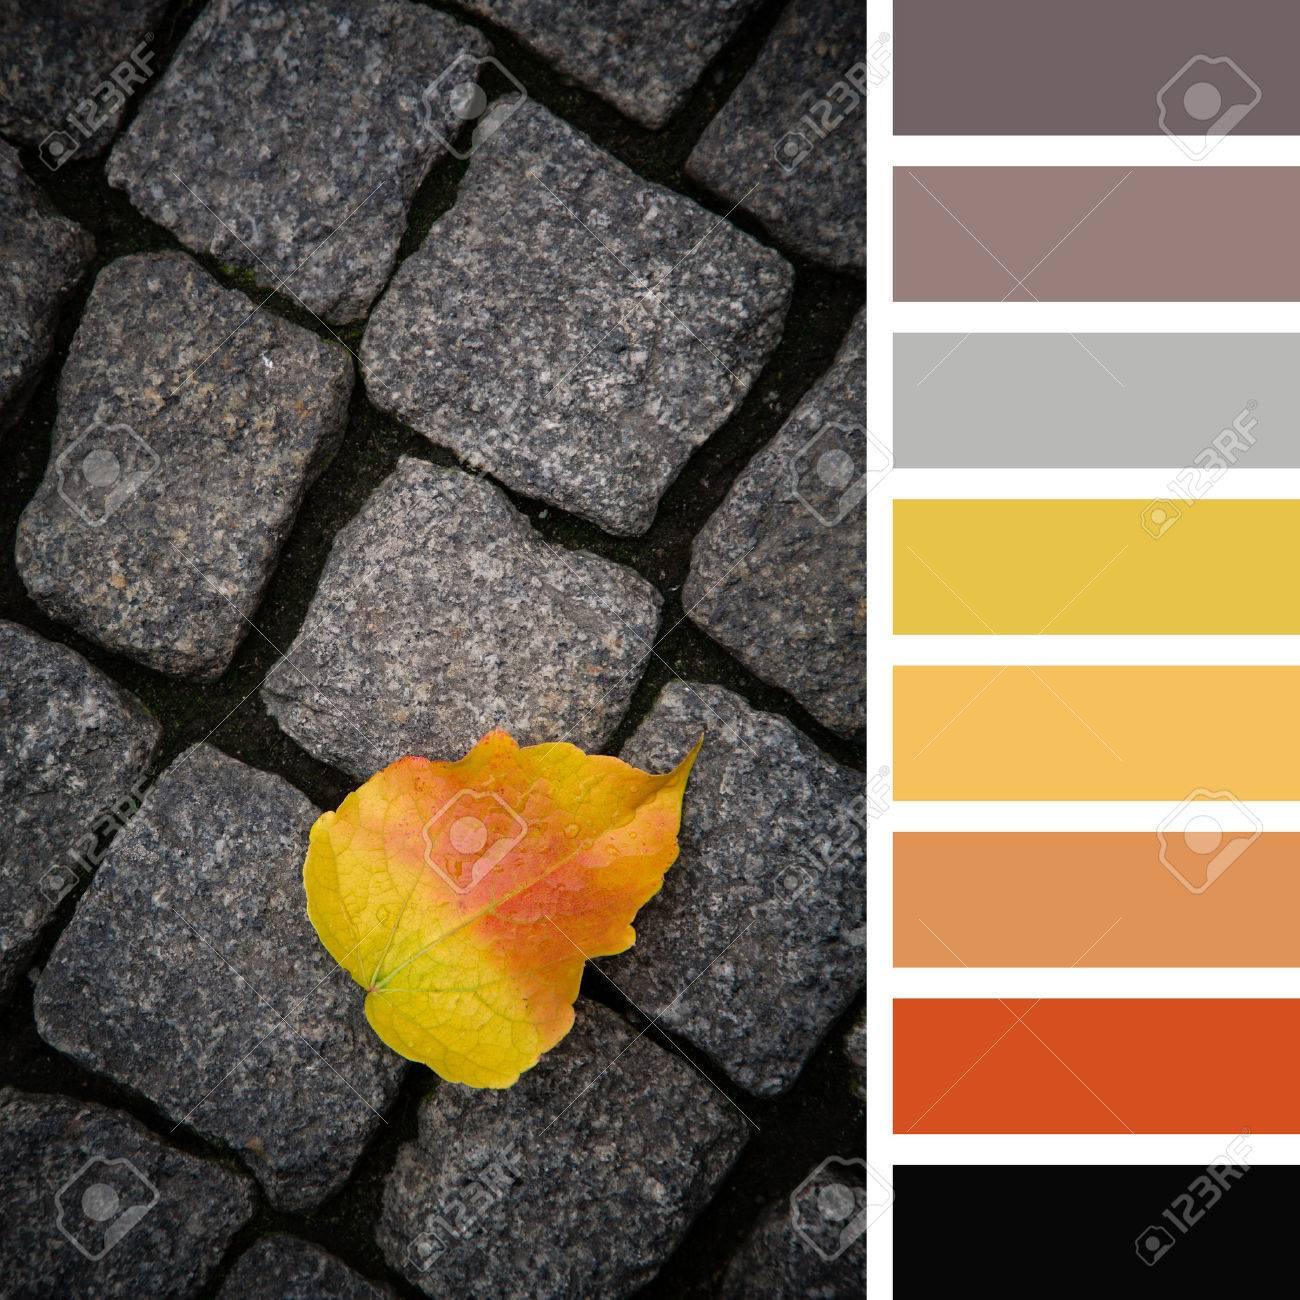 Single Gefallenes Blatt Im Herbst Farben Uber Dunklen Kopfstein